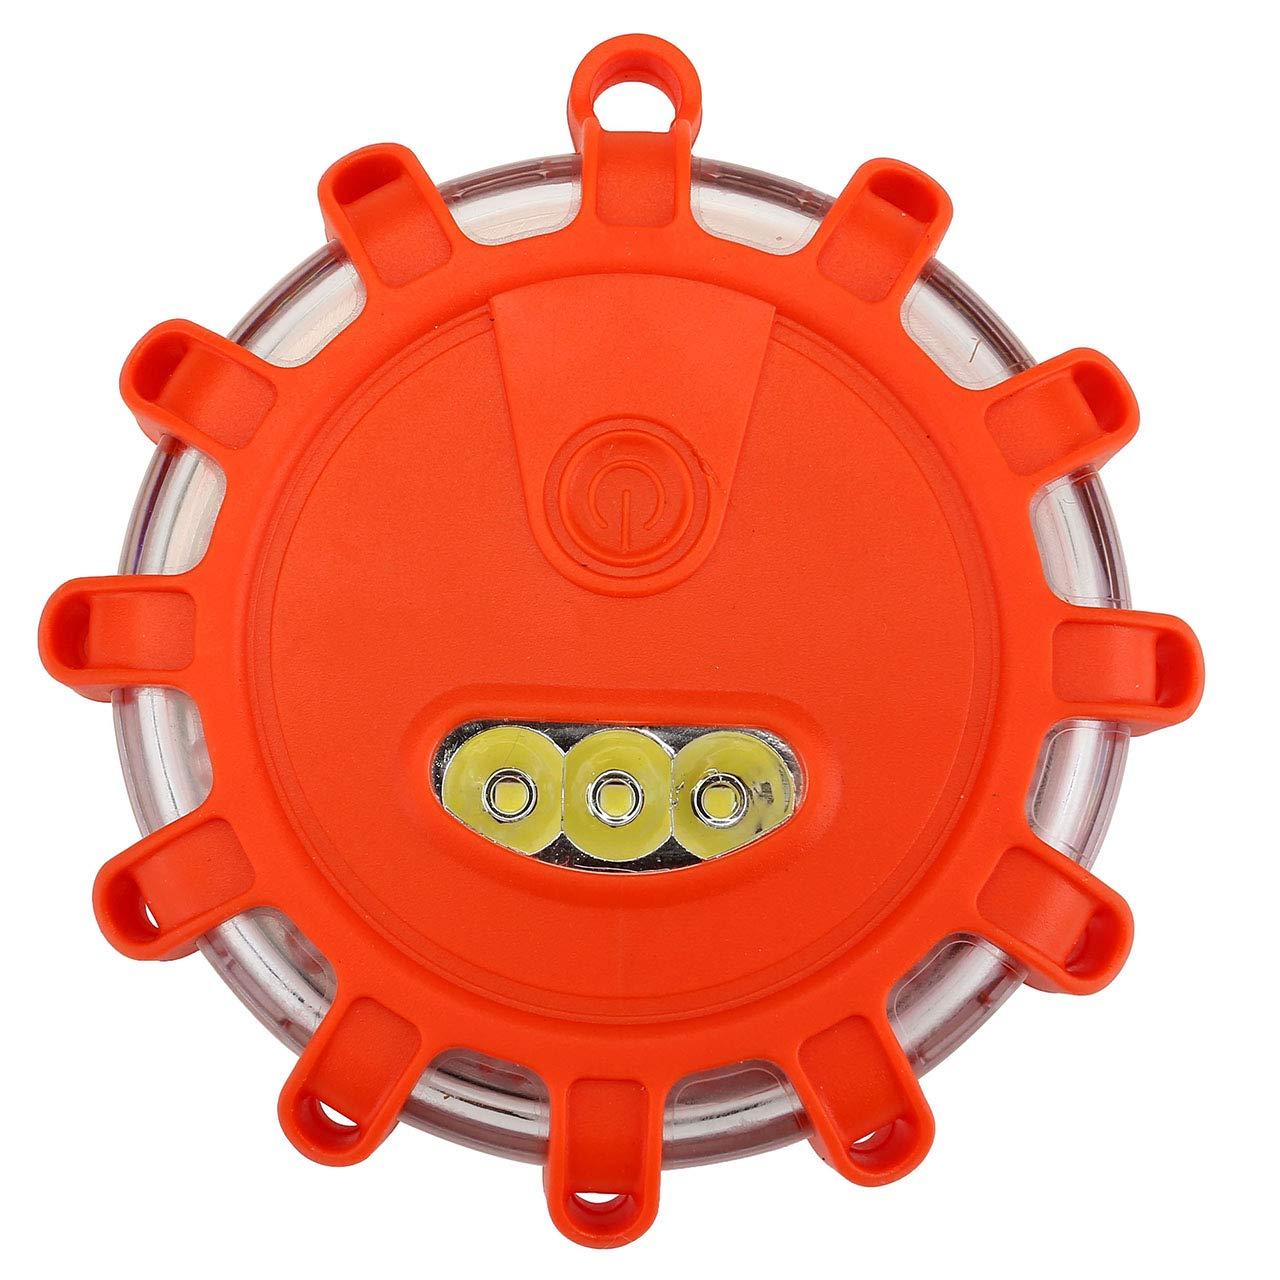 ACBungji Warnblinkleuchte LED Warnleuchte Warnlicht Akku Blinklicht Rundumleuchte Rot COB Arbeitsleuchte mit Magnet fü r Auto Notfall Pannenhilfe ideal als Ergä nzung zum Warndreieck (2 in 1)